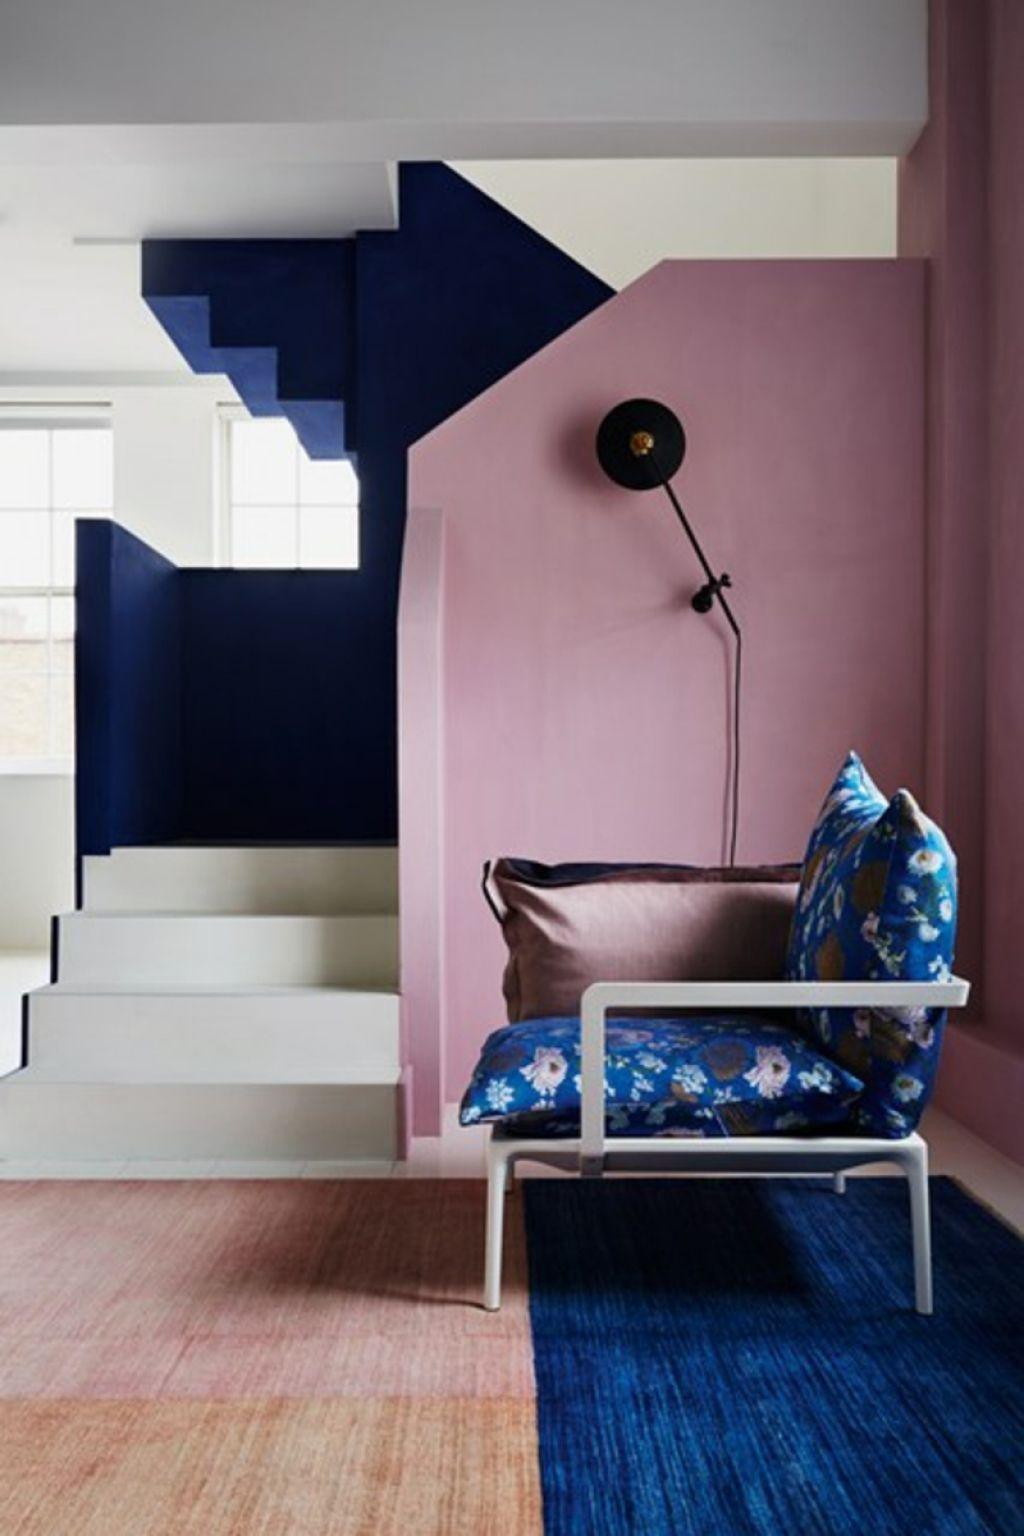 On craque pour le bleu marine ou navy blue en déco | Pinterest ...